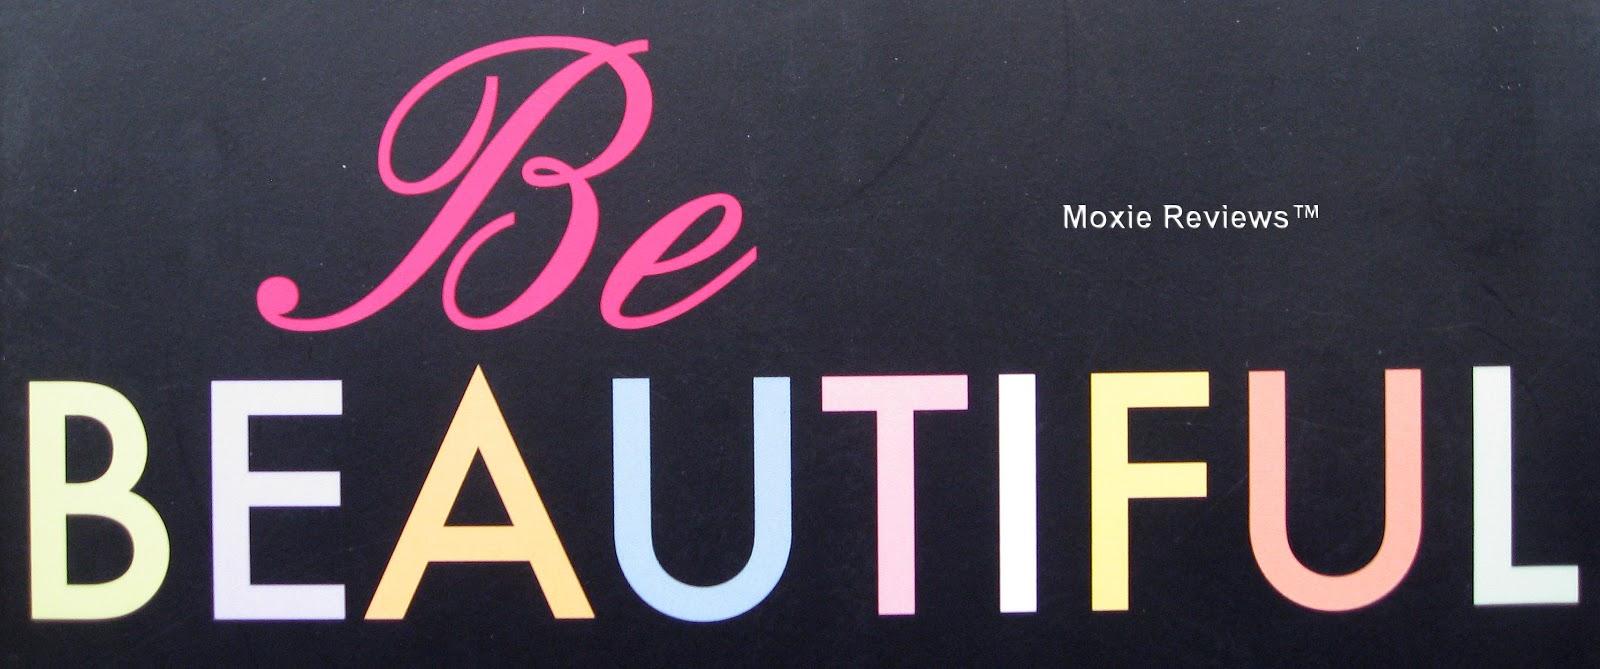 ¿A qué mujer no le gusta verse guapa? A todas, incluso aquellas que menos nos imaginemos, se preocupan por su atractivo: porqué no seguir los mejores consejos?